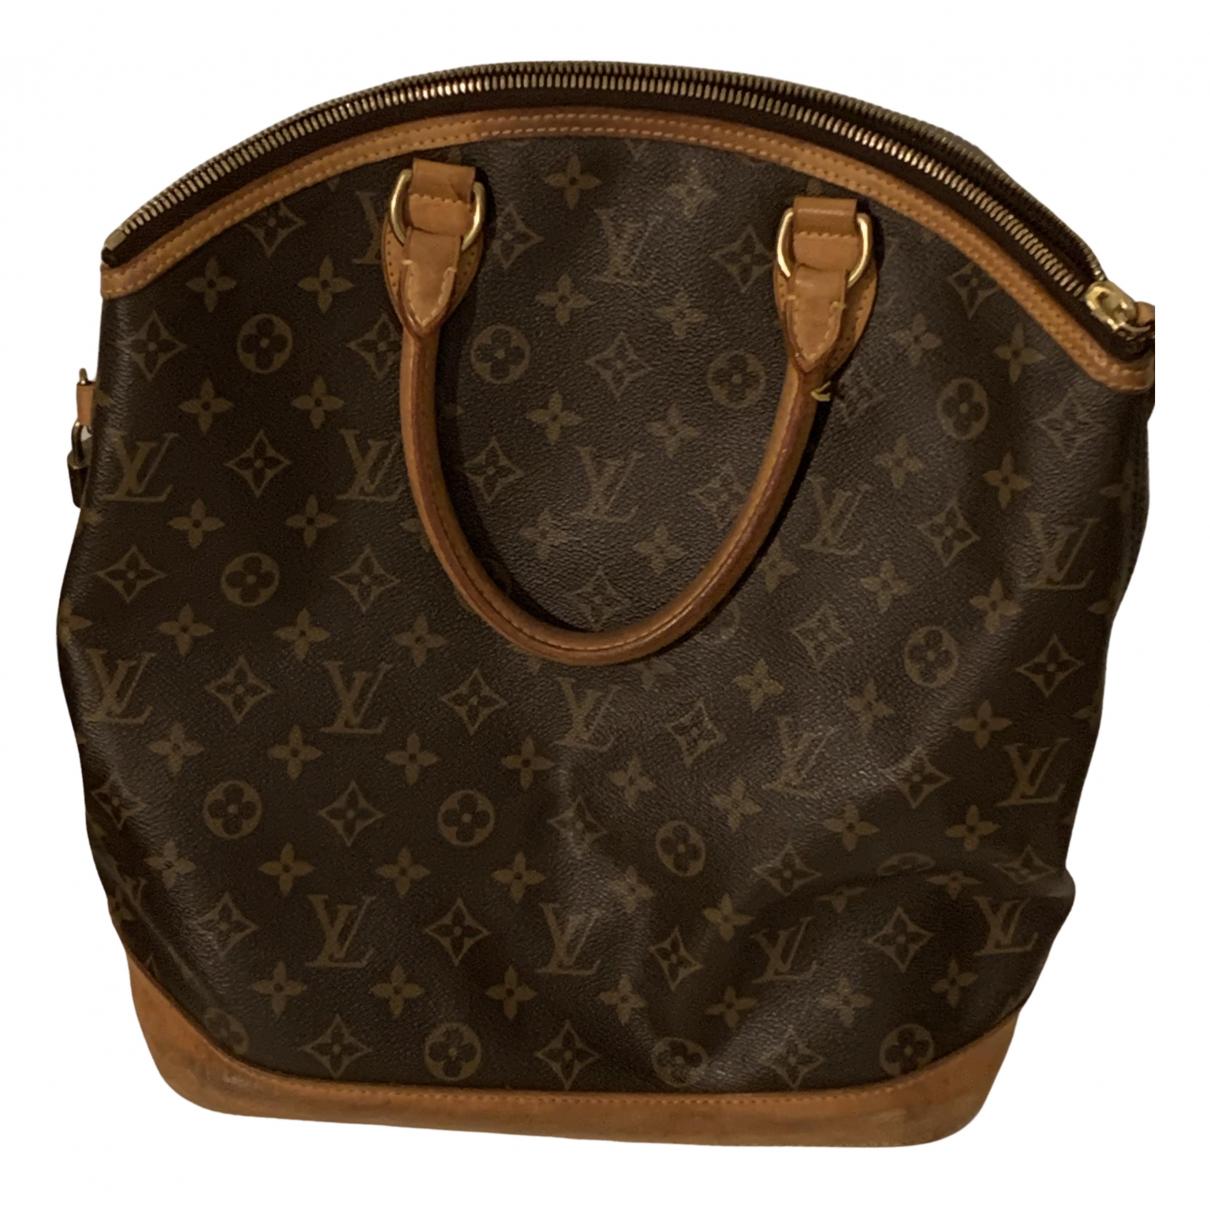 Louis Vuitton - Sac a main Lockit Vertical pour femme en toile - marron